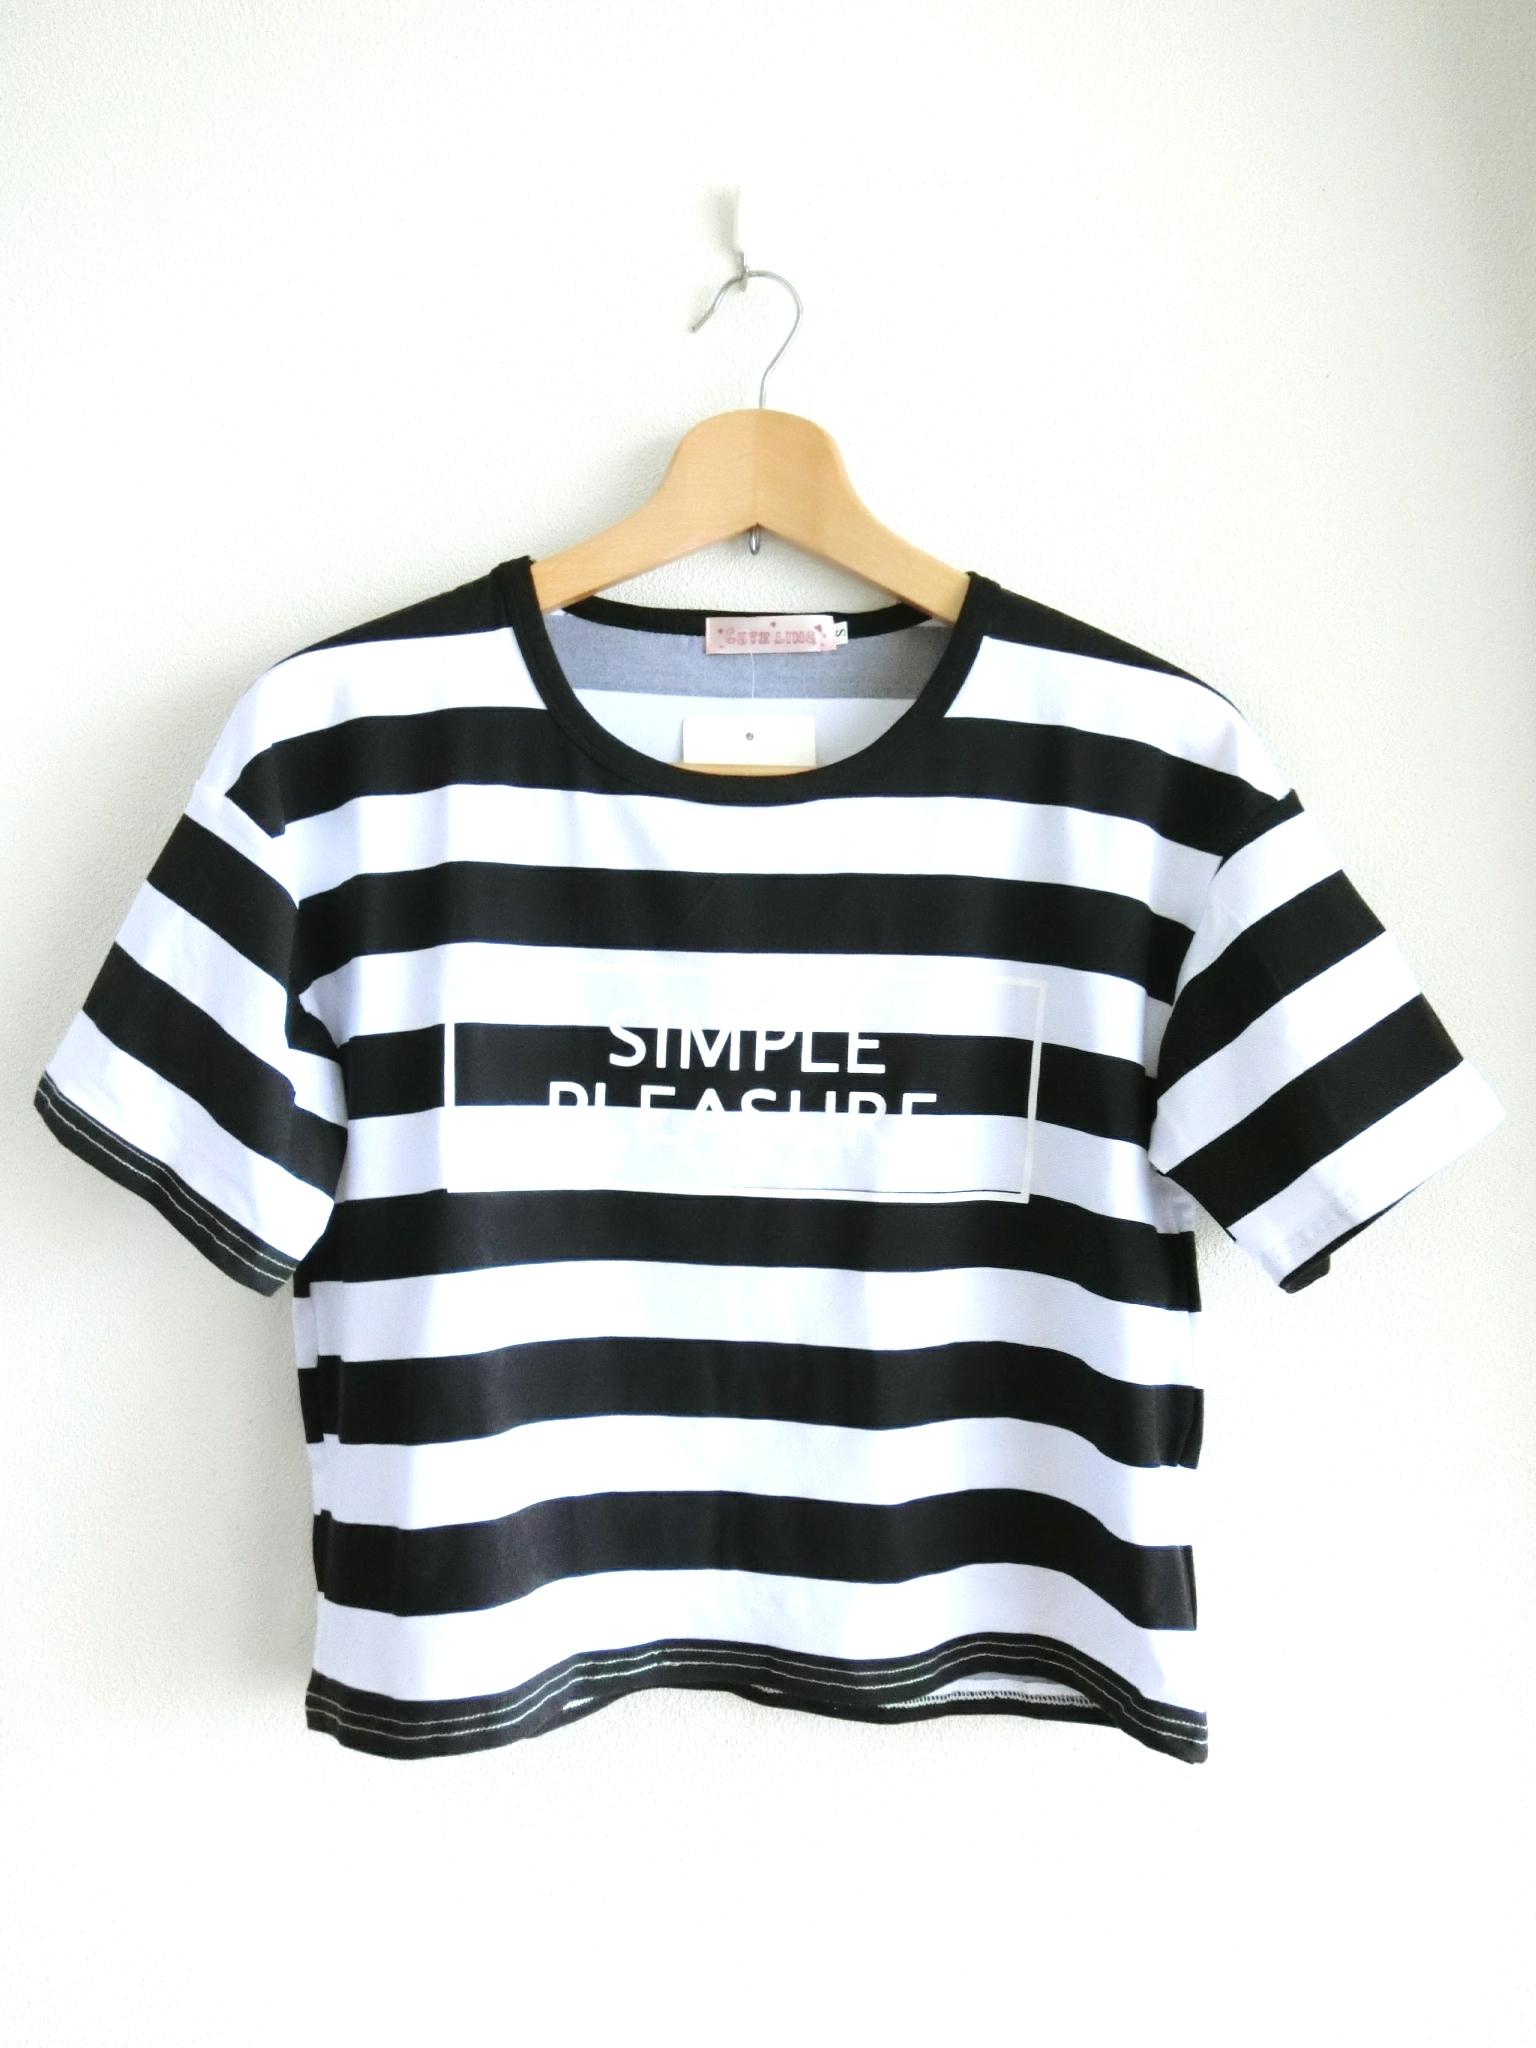 ショート丈のかわいいロゴ入りボーダーTシャツ